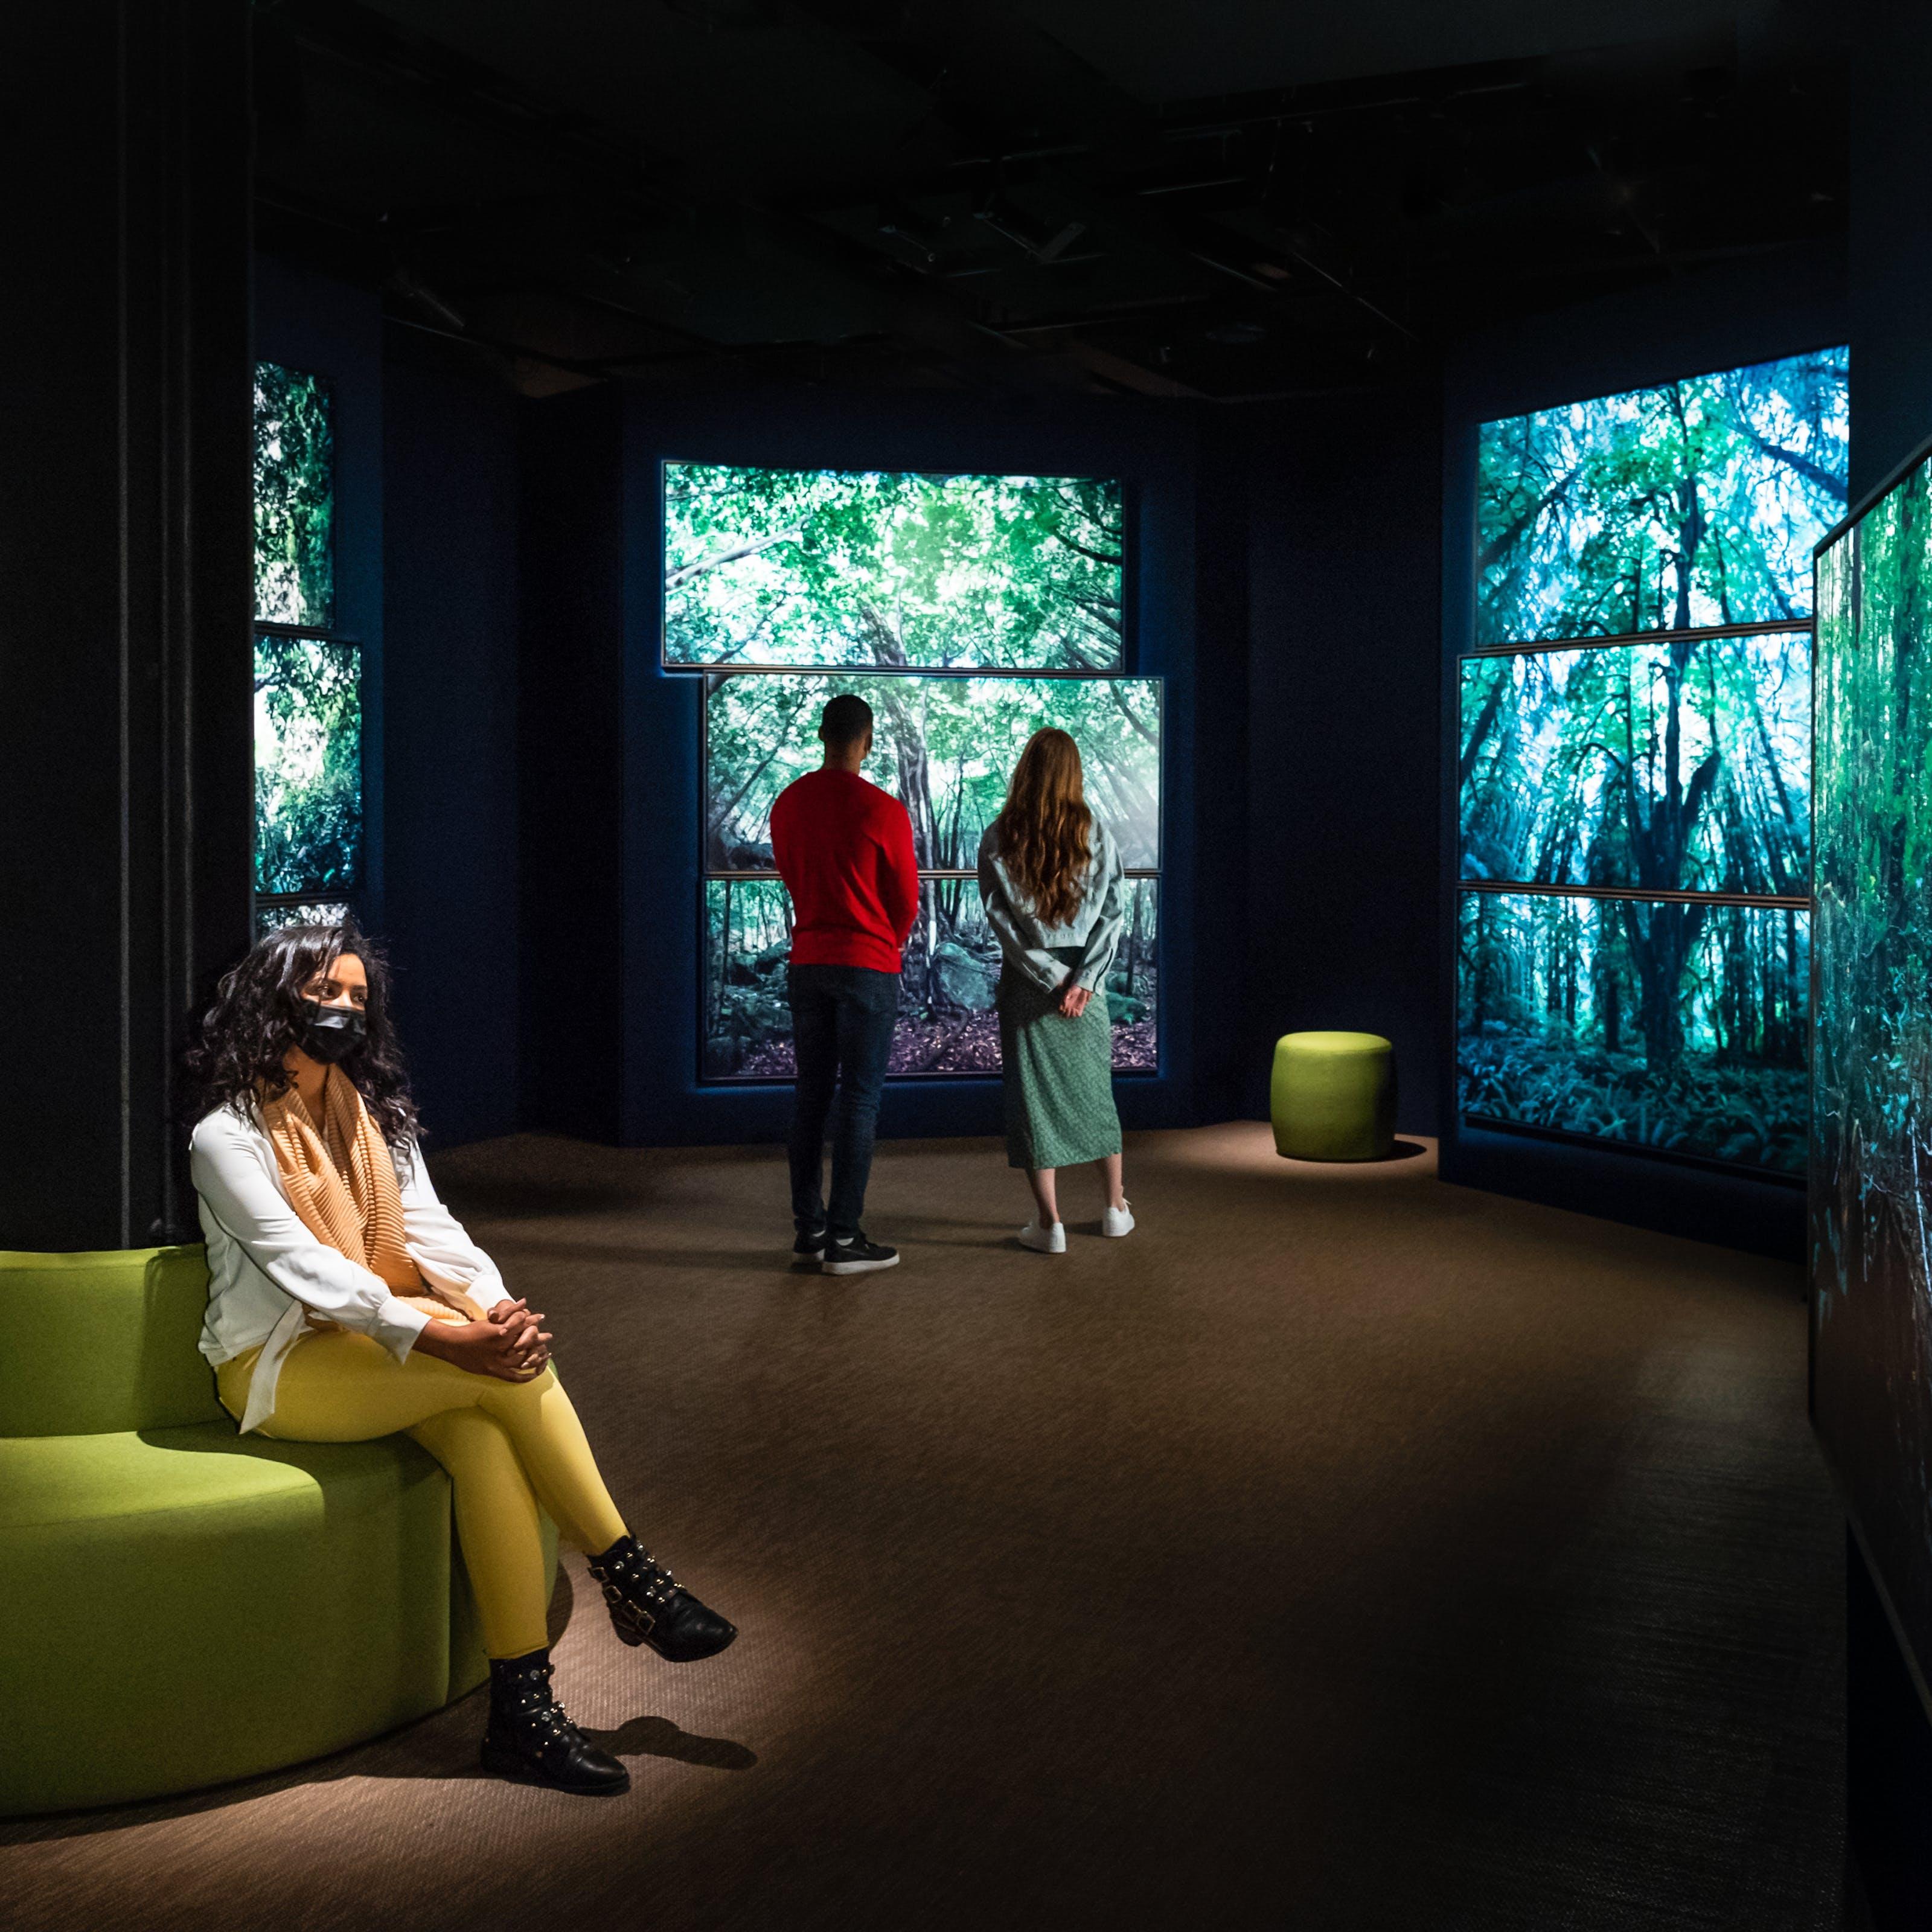 黑暗的画廊空间的照片,显示了4个独立的大墙壁上的照片打印的大型森林场景,填充了整个墙壁。这些脚印显示了高大的树干,绿色的冠层和地面的蕨类植物。在画廊的左侧是一个圆形衬垫的绿色座椅,围绕垂直铁梁缠绕。坐在座位上的十字架是长长的黑发的女人,一件白色的衬衫和黄色紧身裤。她的脖子上有一个橙色披肩,戴着黑色脸上的遮盖。她几乎直接在她身边的光线点击。在距离中,有两个游客背部到相机,站在看着其中一个森林场景。他们的权利是一个小型衬垫凳子。